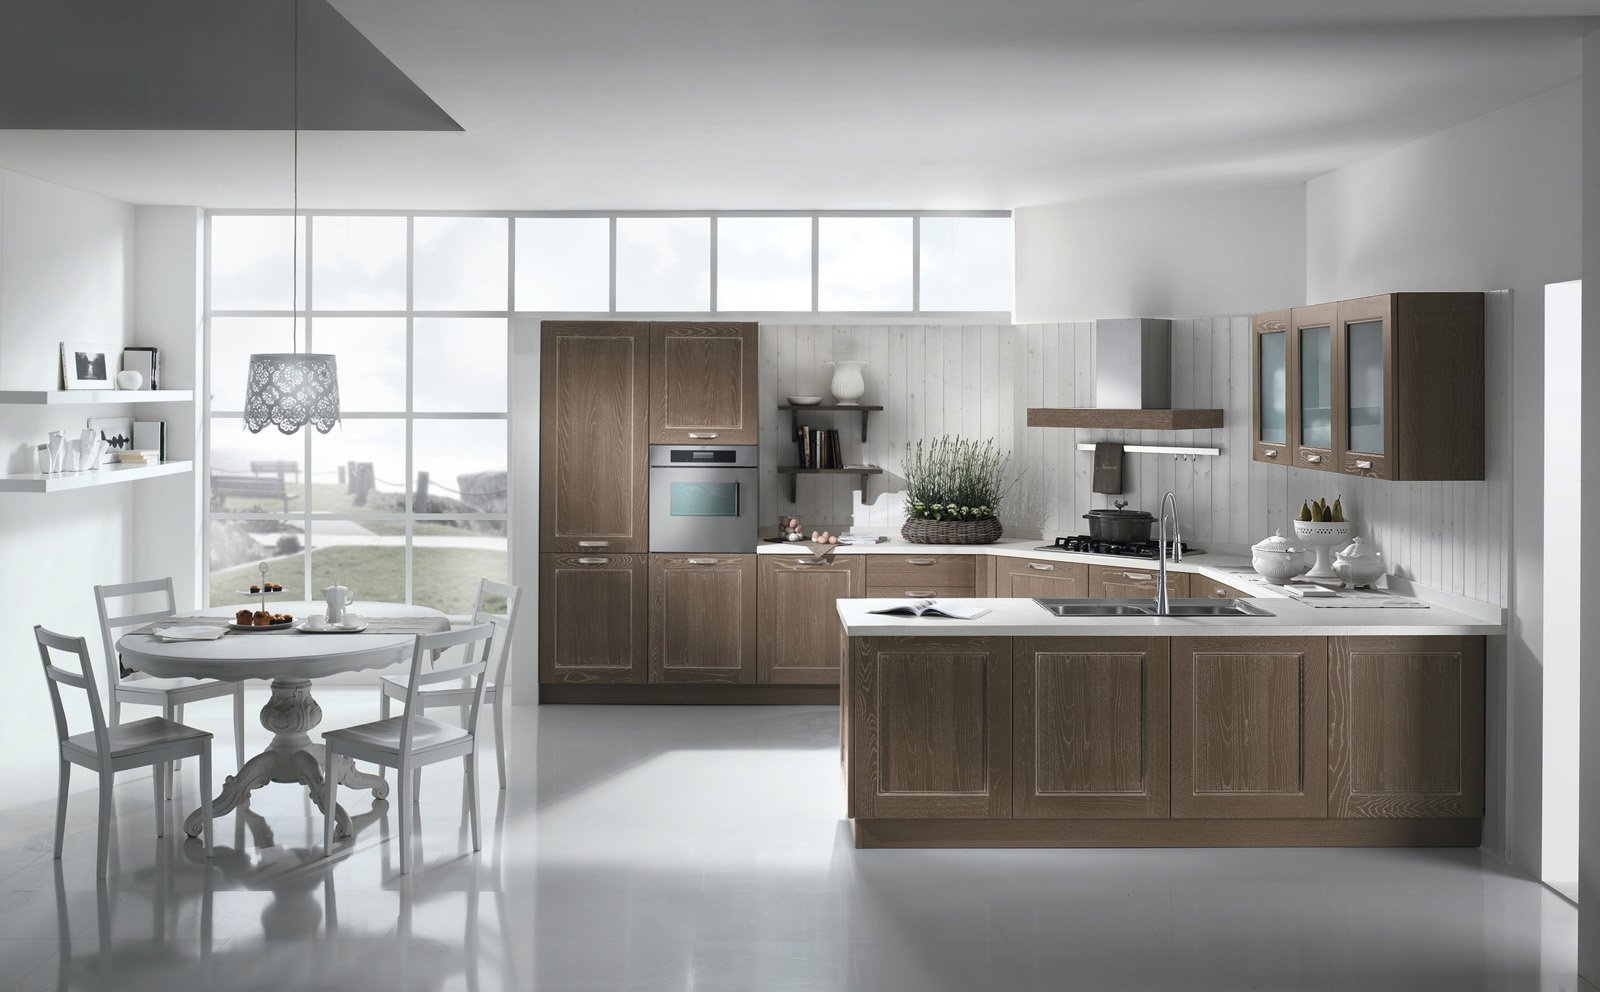 Cucina Shabby Chic Con Isola : Cucina A Legna Nordica Offerte. Cucina  #5C4E42 1600 992 Cucine Shabby Chic Mondo Convenienza